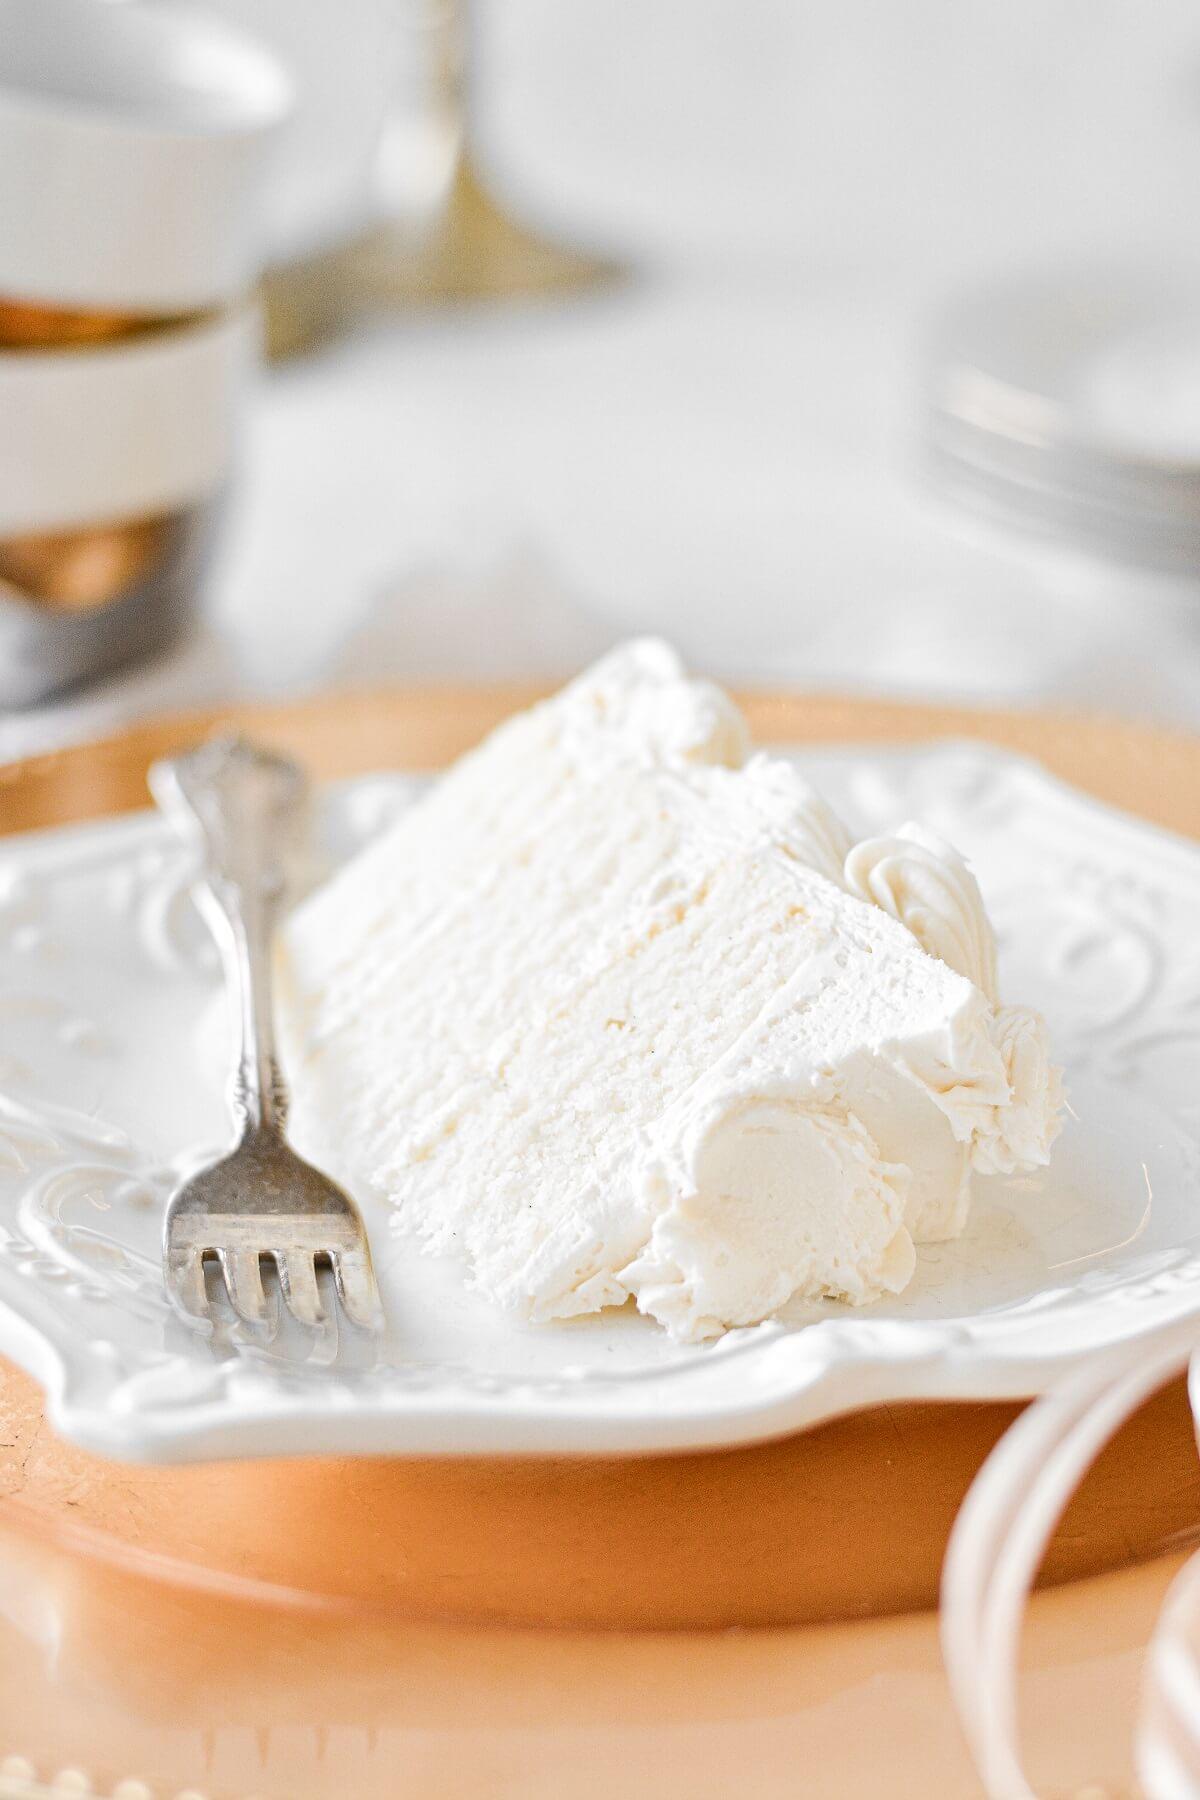 A slice of white velvet cake.